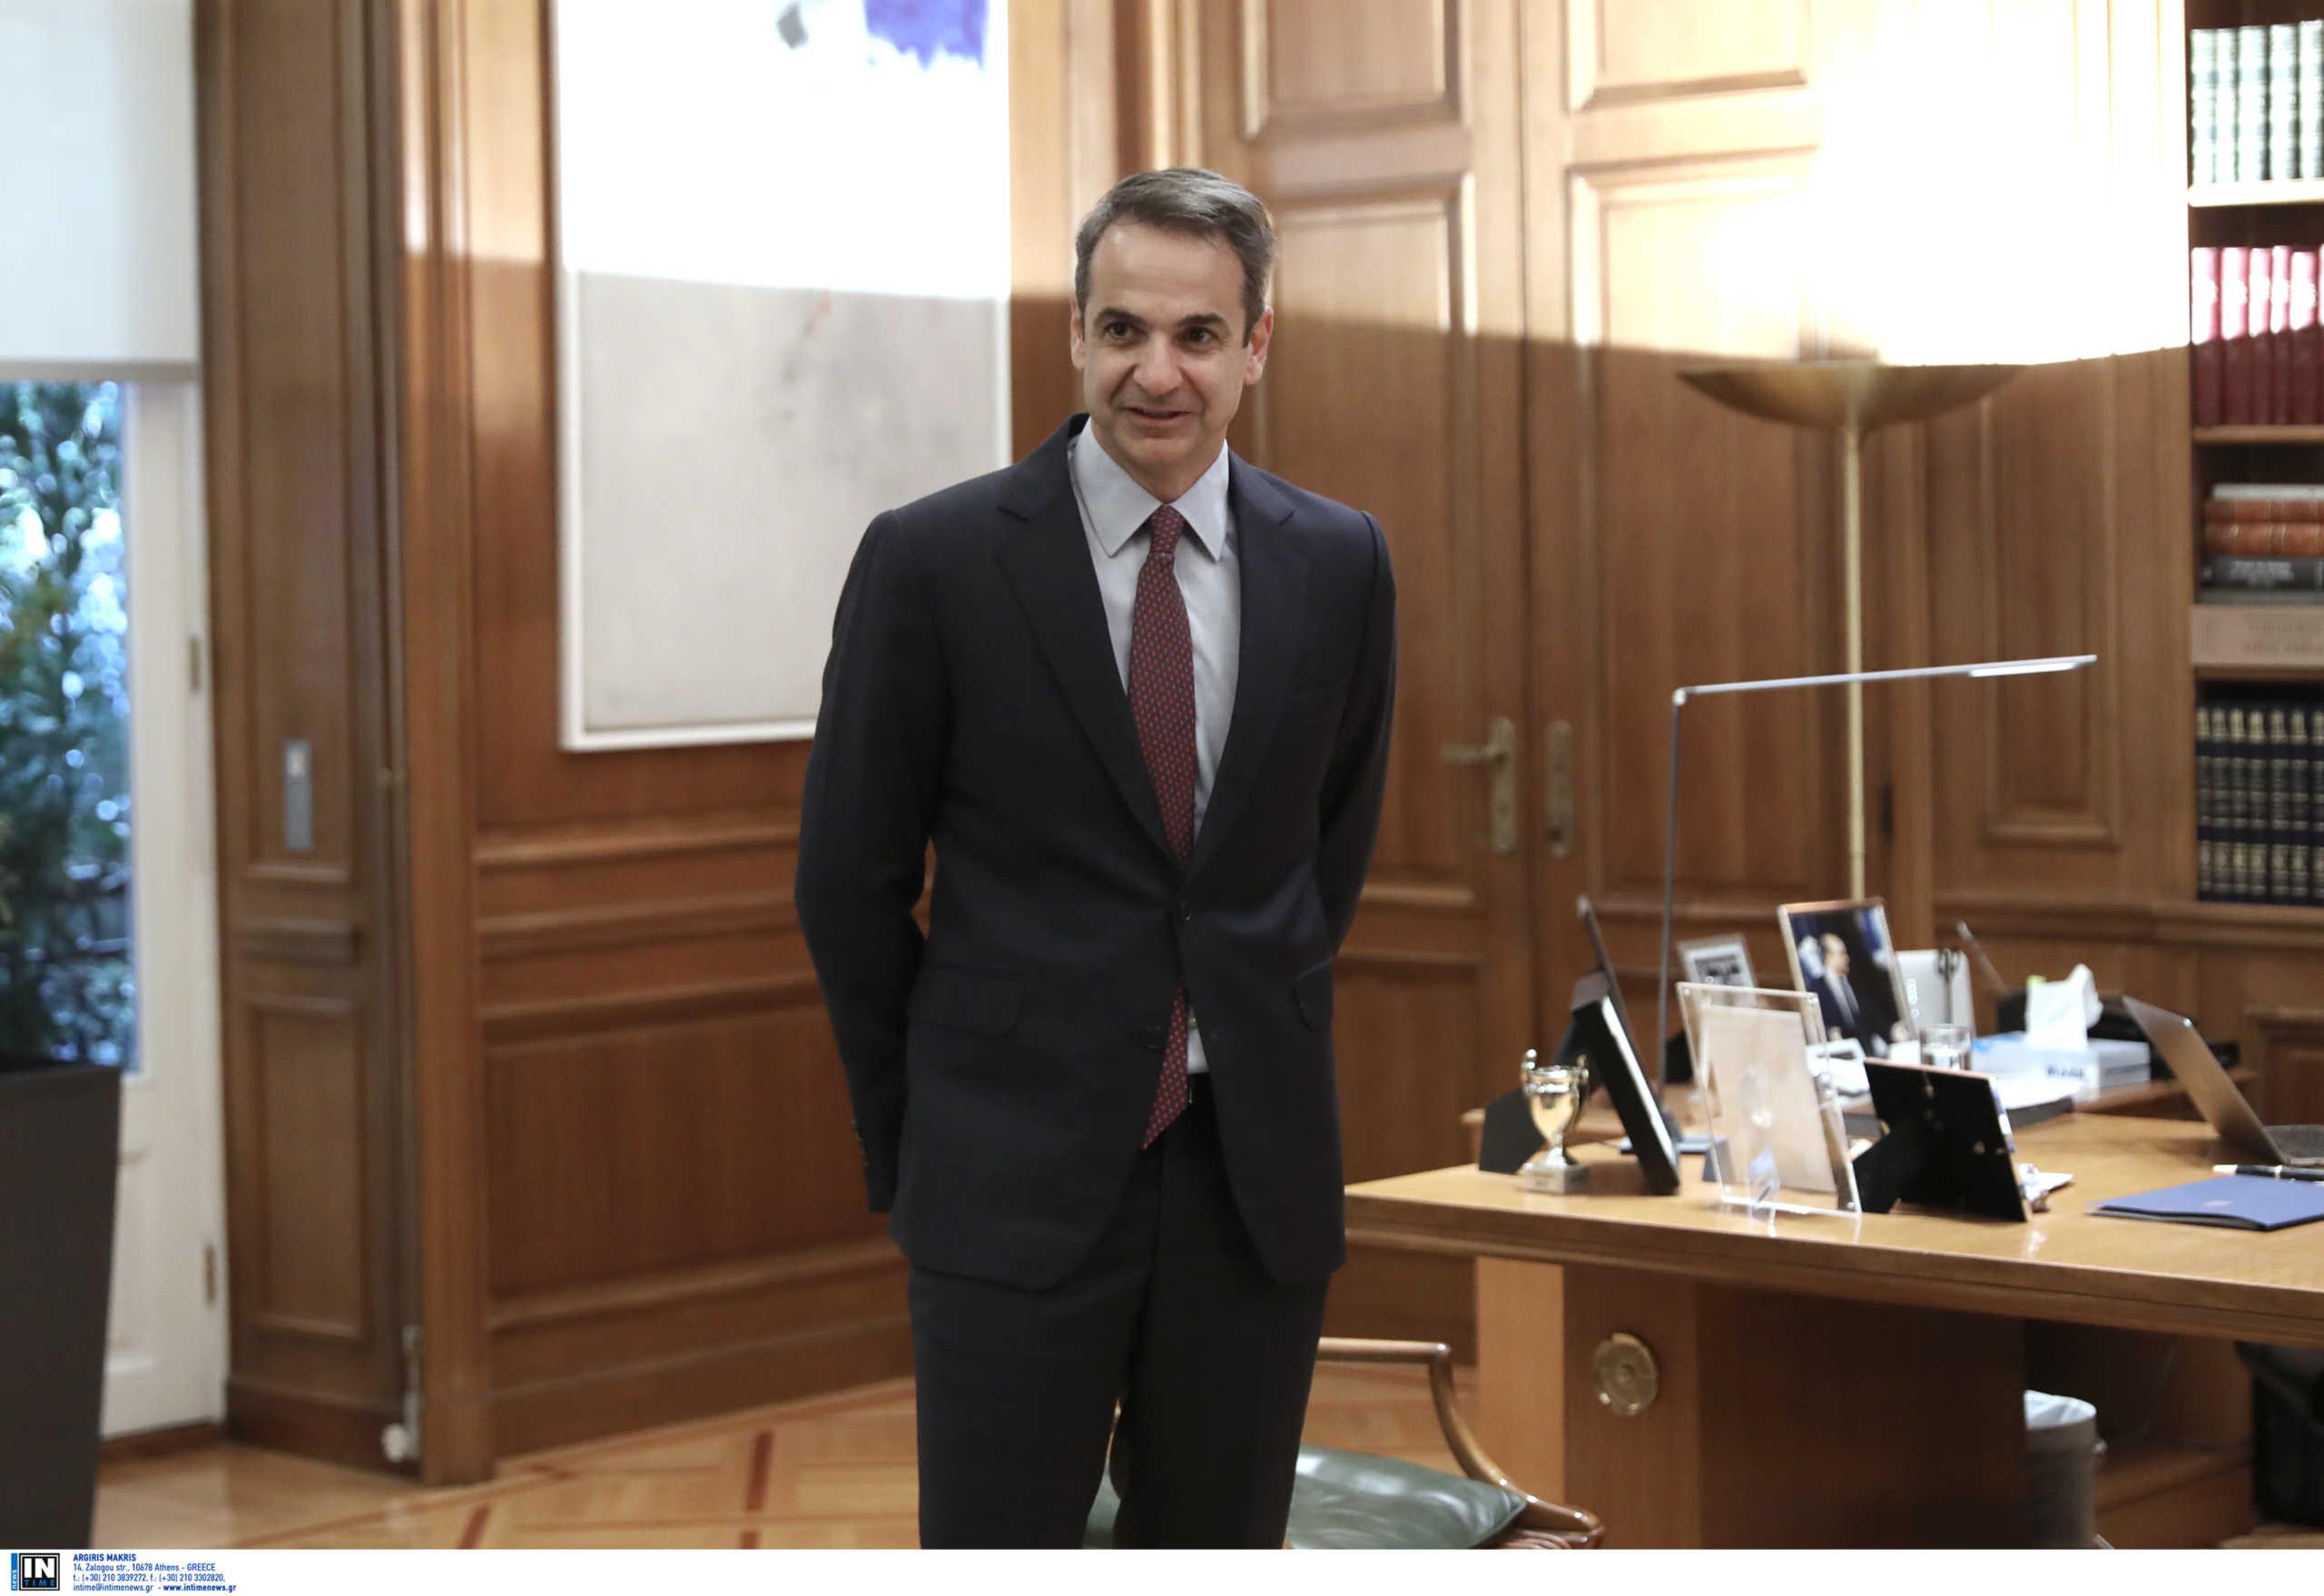 Ο Μητσοτάκης υποδέχεται στο Μέγαρο Μαξίμου UEFA και FIFA!